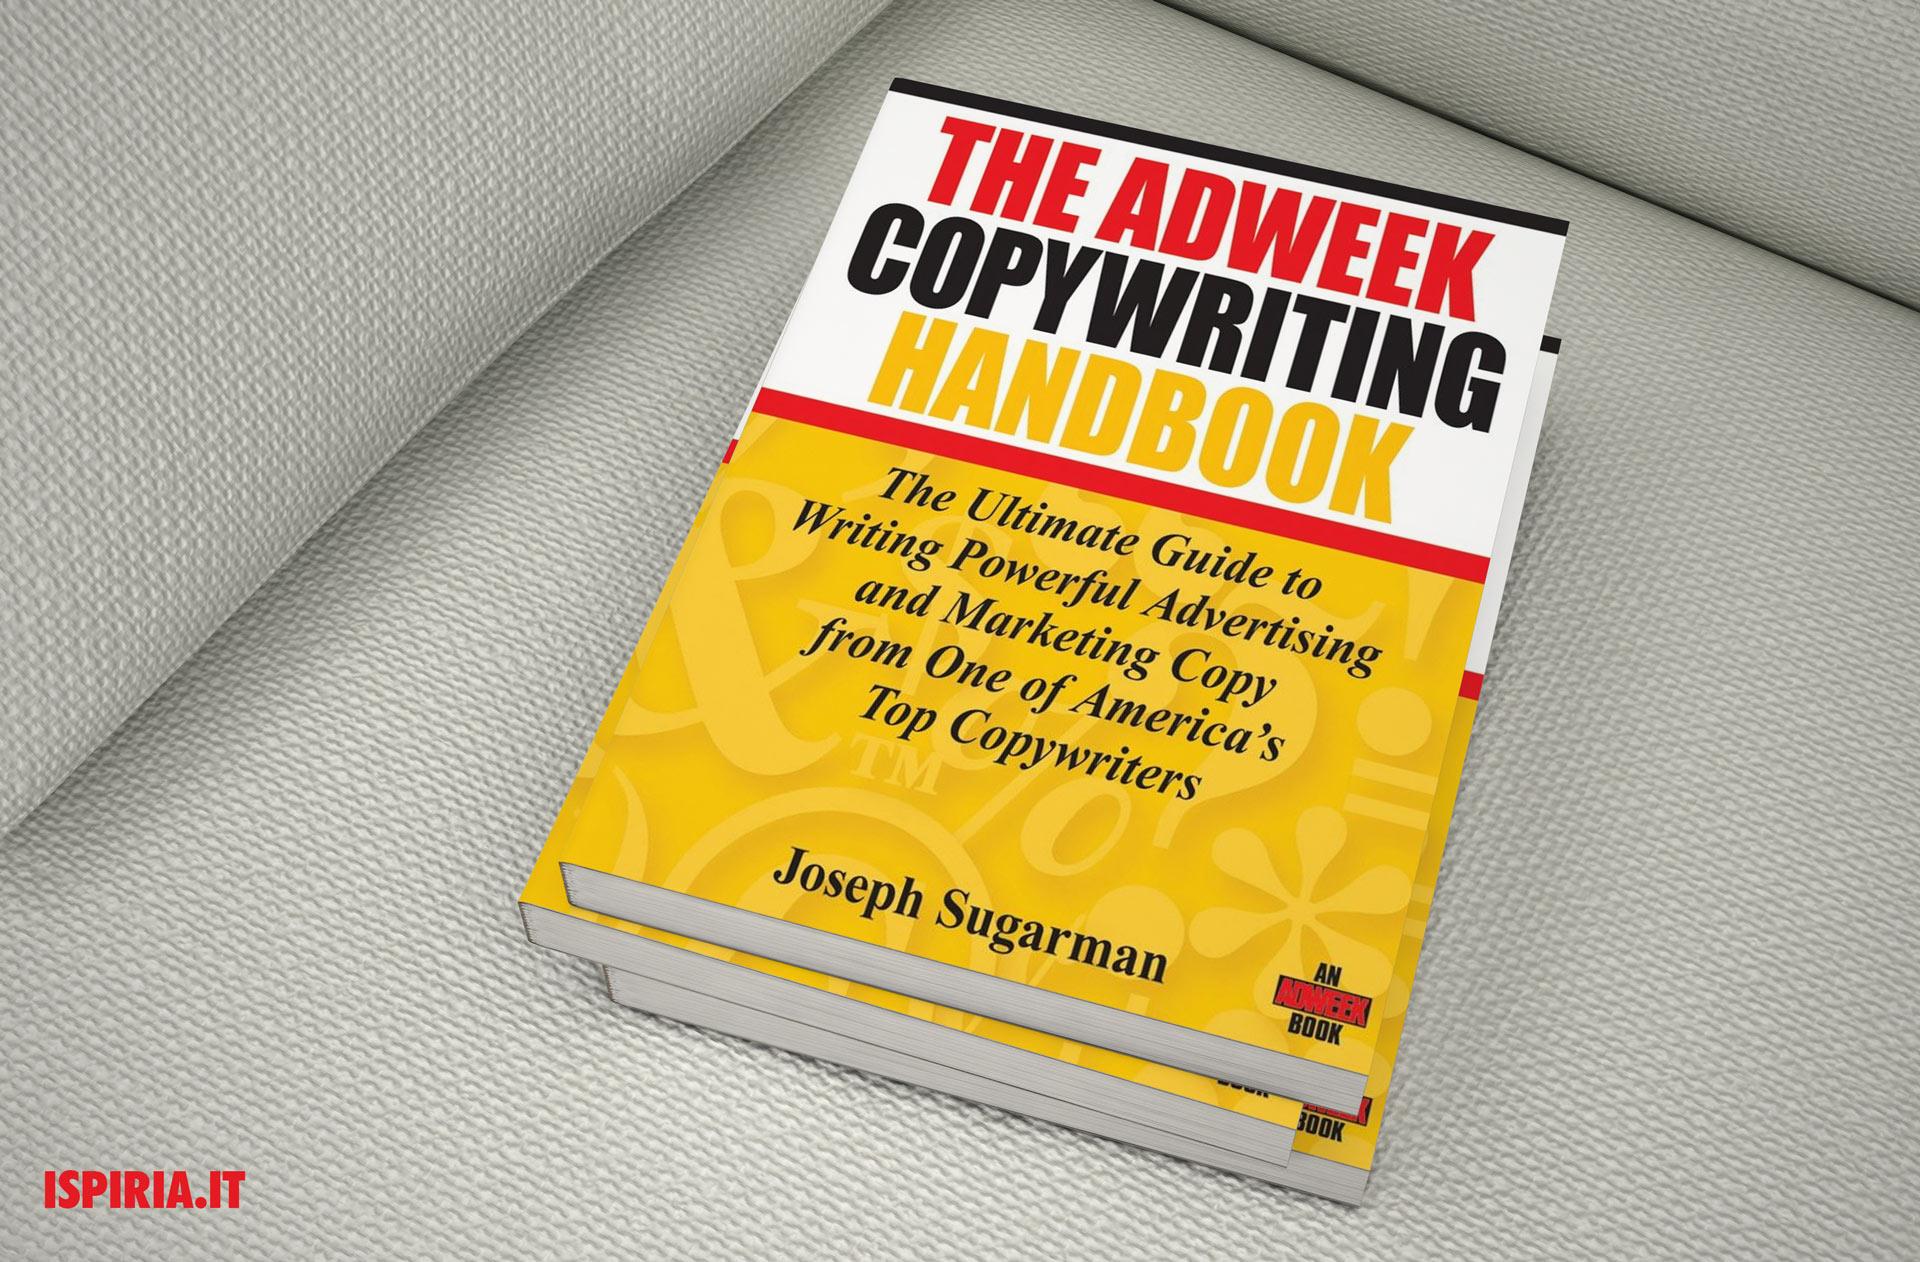 Miglior-libro-sul-copywriting-copywriter